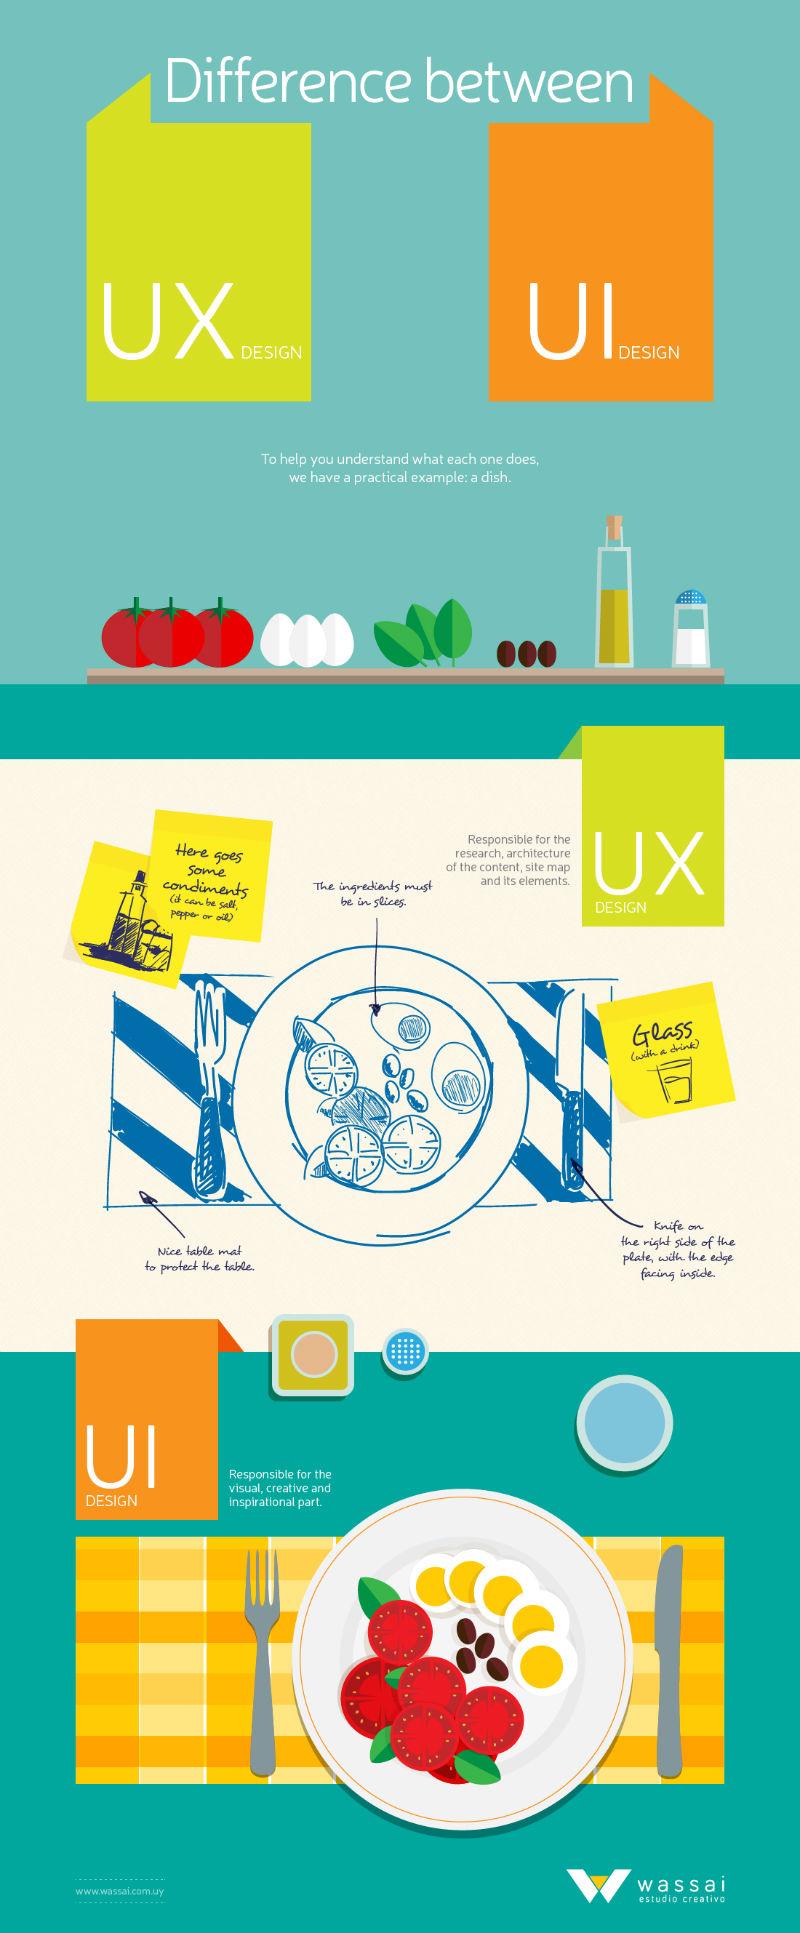 UX design vs UI design